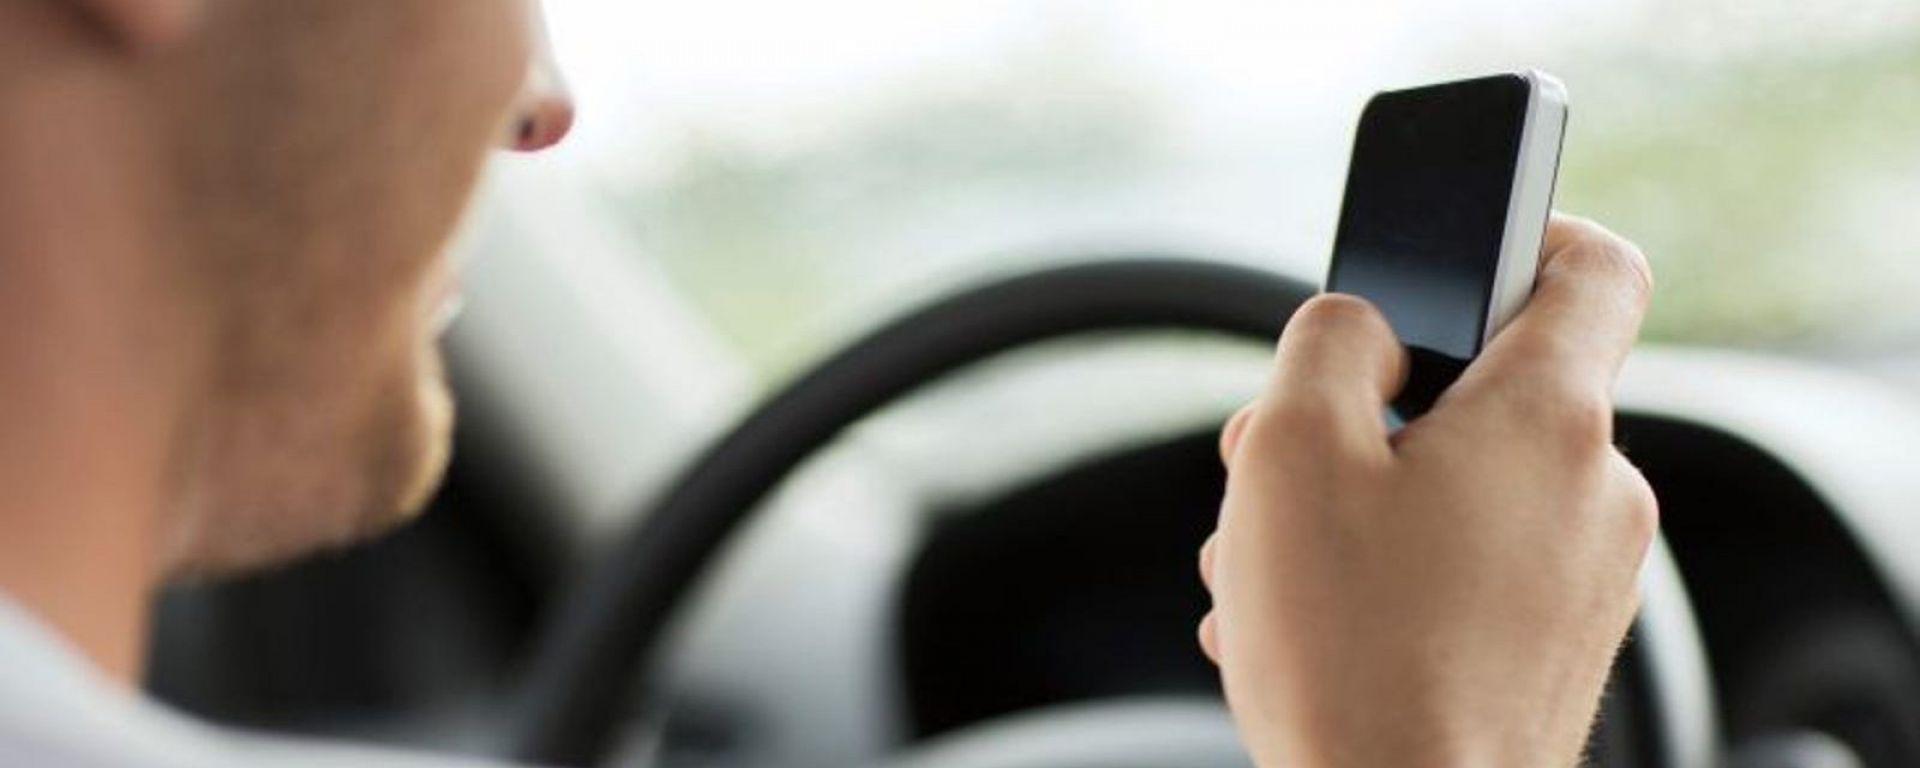 Cellulare alla guida, torna di attualità il tema del ritiro immediato della patente